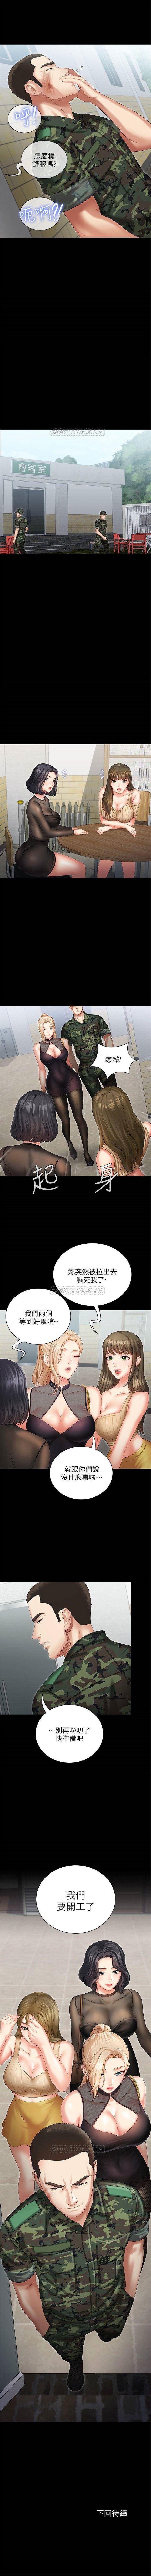 (週6)妹妹的義務 1-19 中文翻譯(更新中) 85